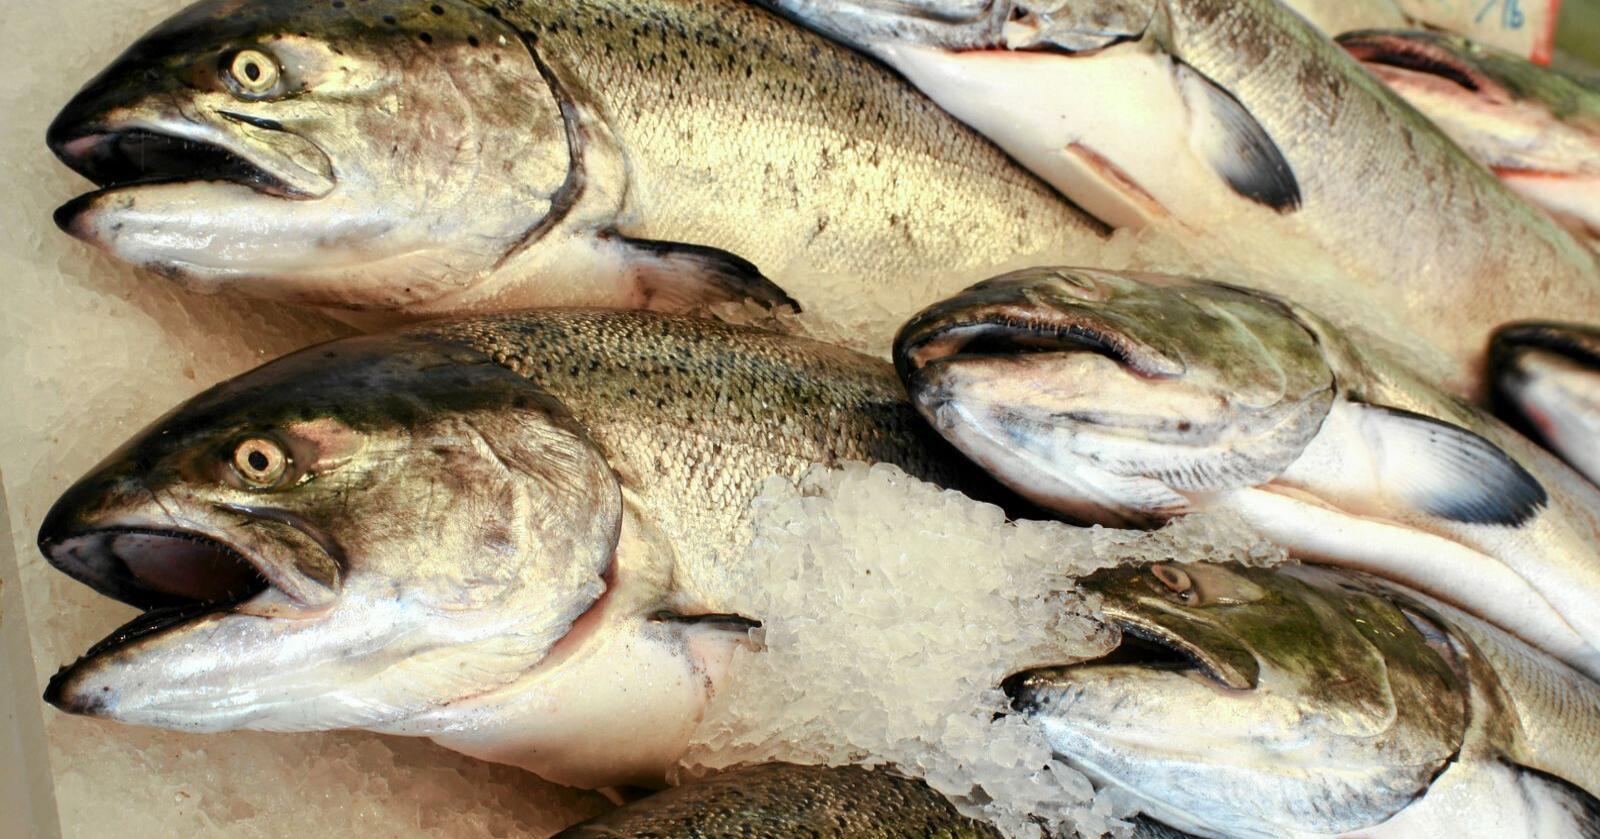 Tollvilkårenefor norsk eksport av sjømat villevært bedre med de handelsavtalene som Canada og Japan har med EU enn det som er dagens situasjon med EØS-avtalen, mener Kathrine Kleveland. Foto: Mostphotos